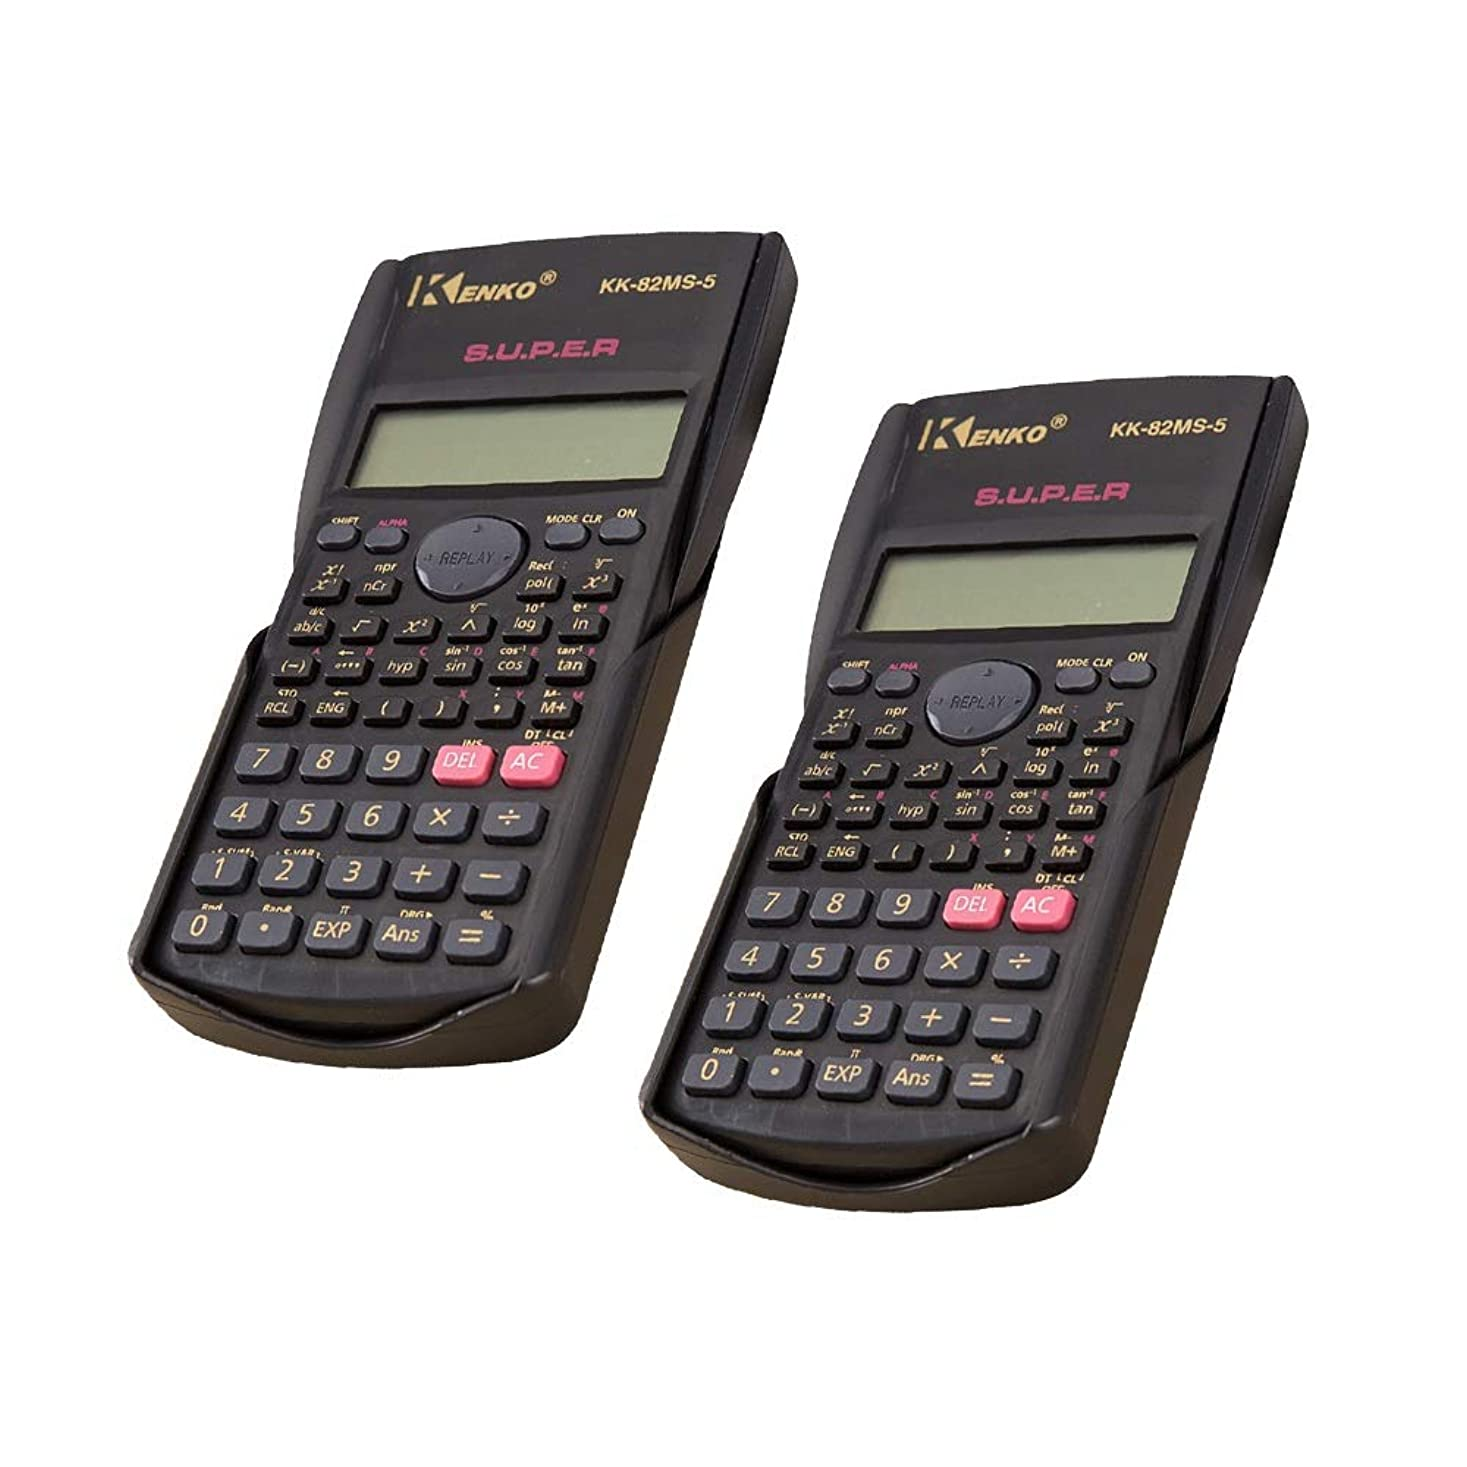 毒液照らすラインナップ2個電卓科学/学校電卓多機能2行表示、バッテリー(含まれない)電源、色:黒 標準機能エレクトロニクス電卓 (色 : Photo Color, サイズ : ワンサイズ)